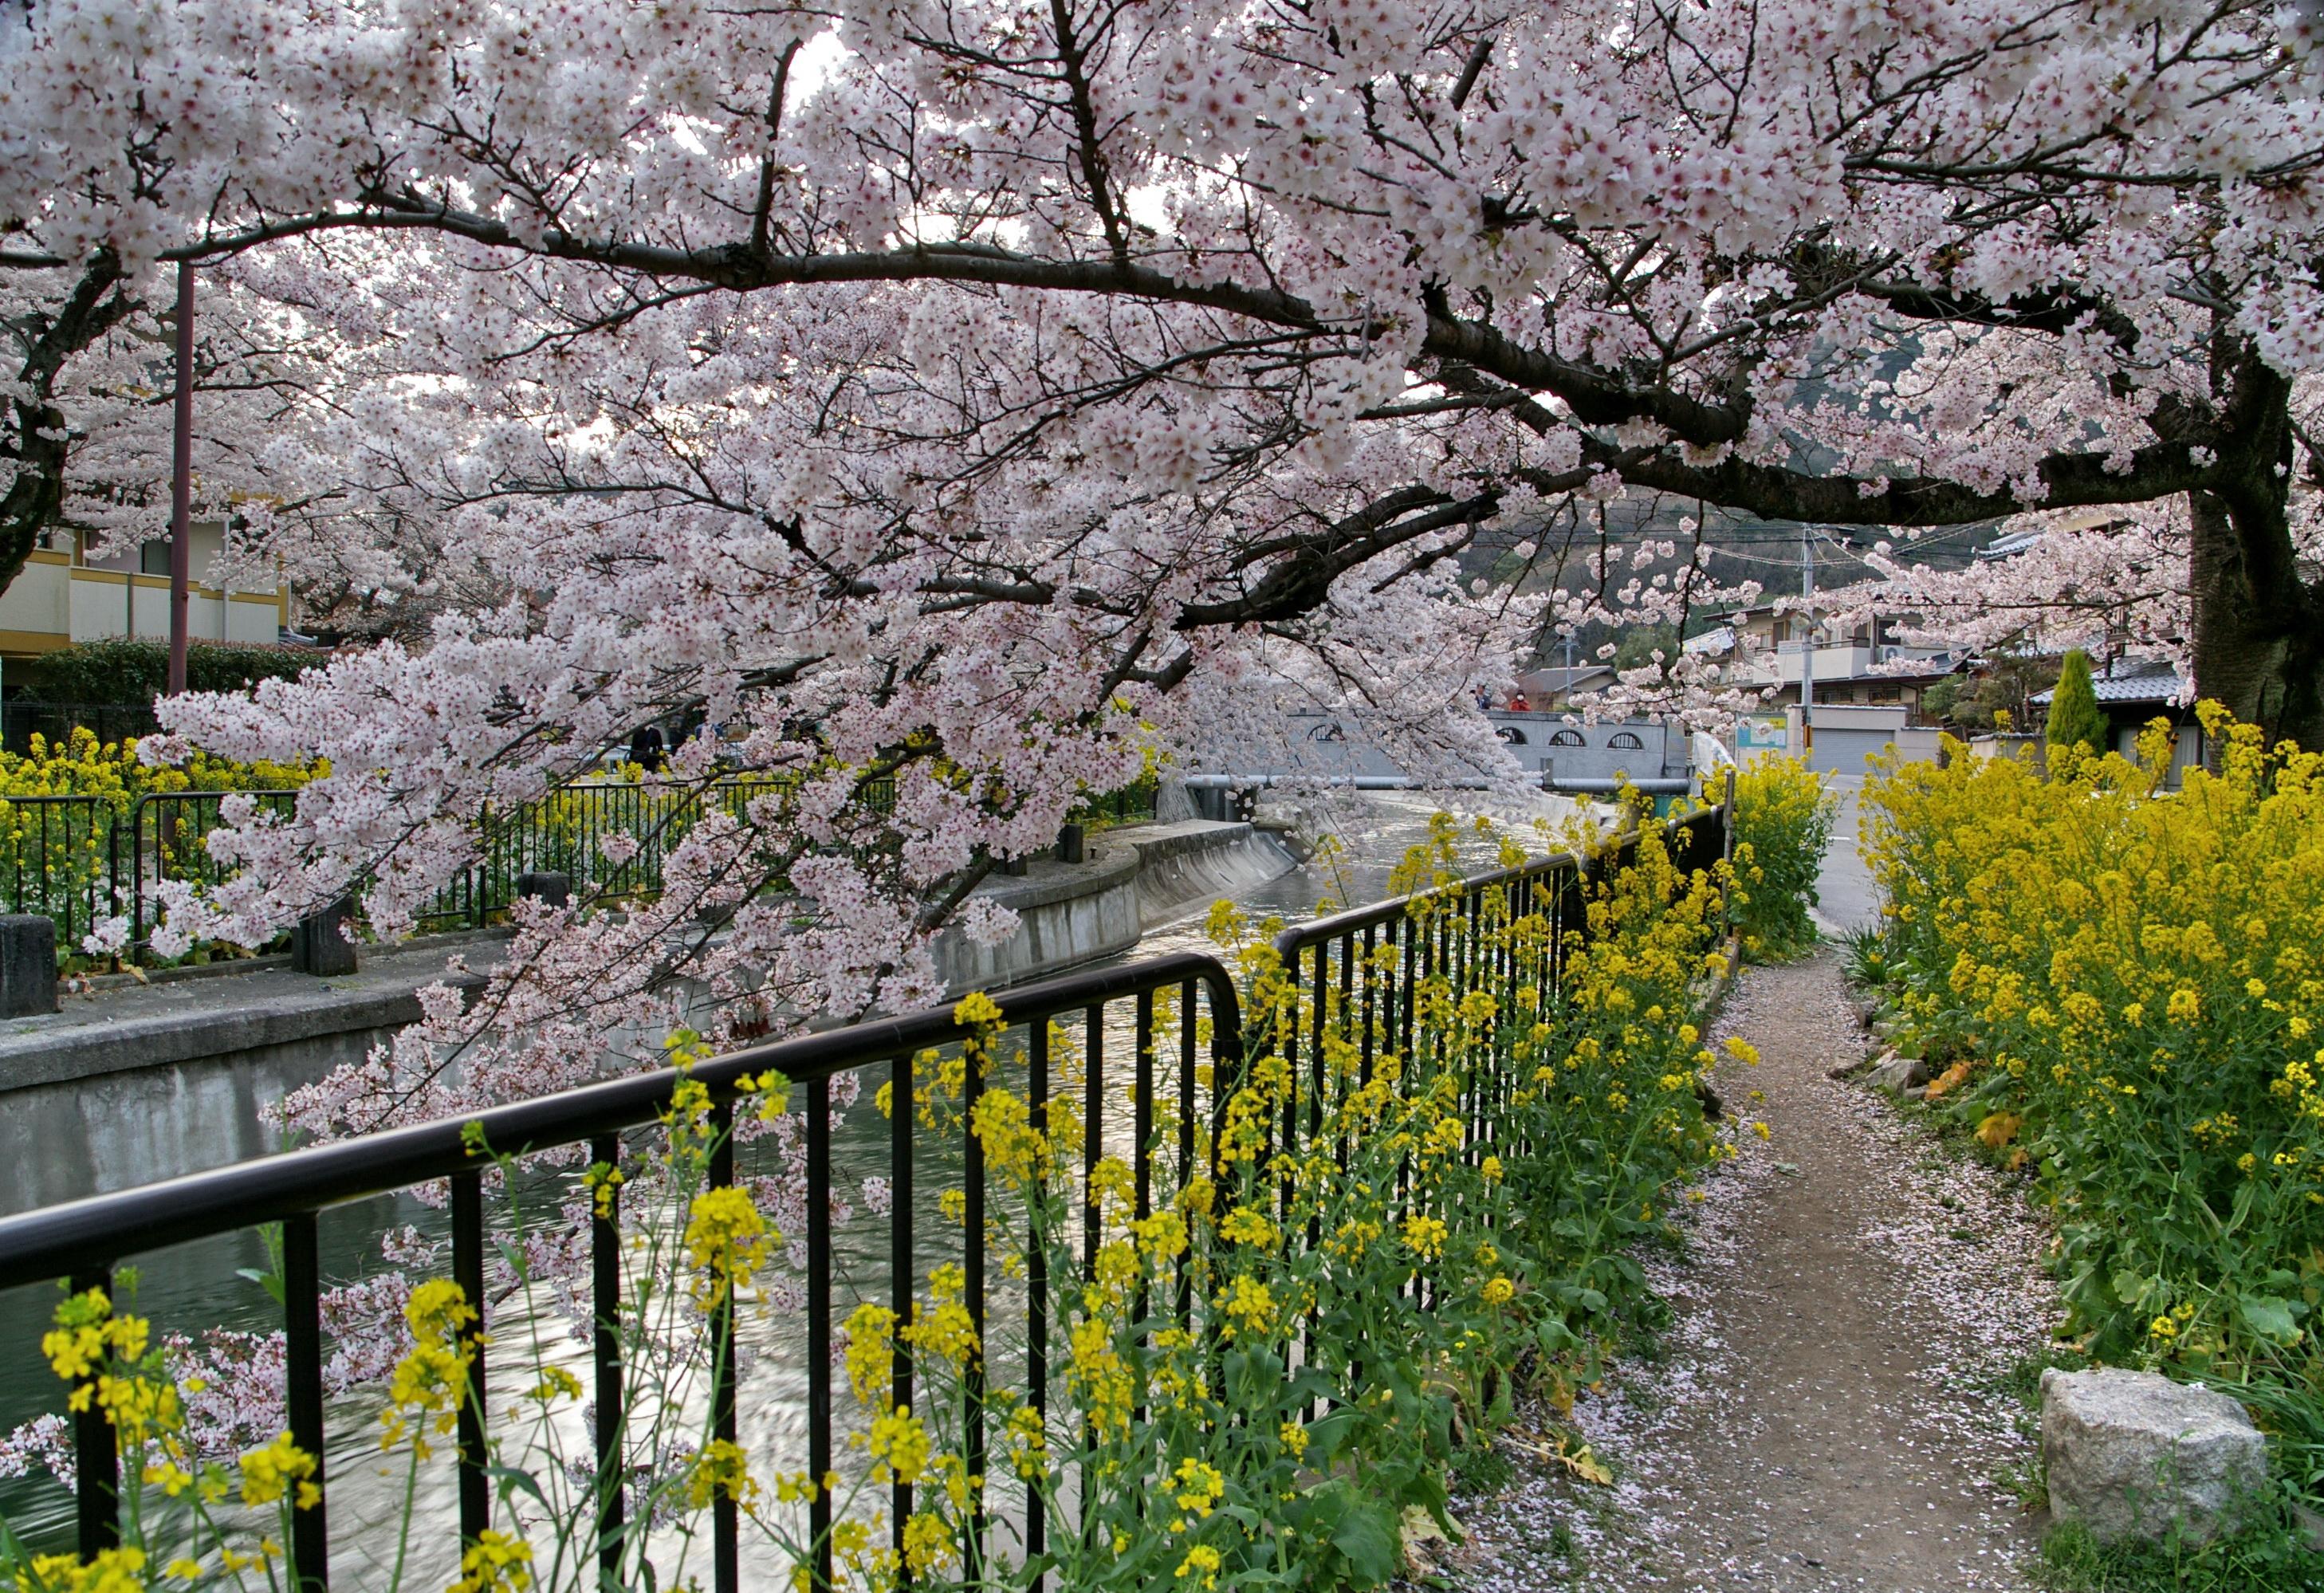 京都賞櫻內行人的景點:山科疏水之櫻花/油菜花 | 林氏璧和美狐團三狐的小天地